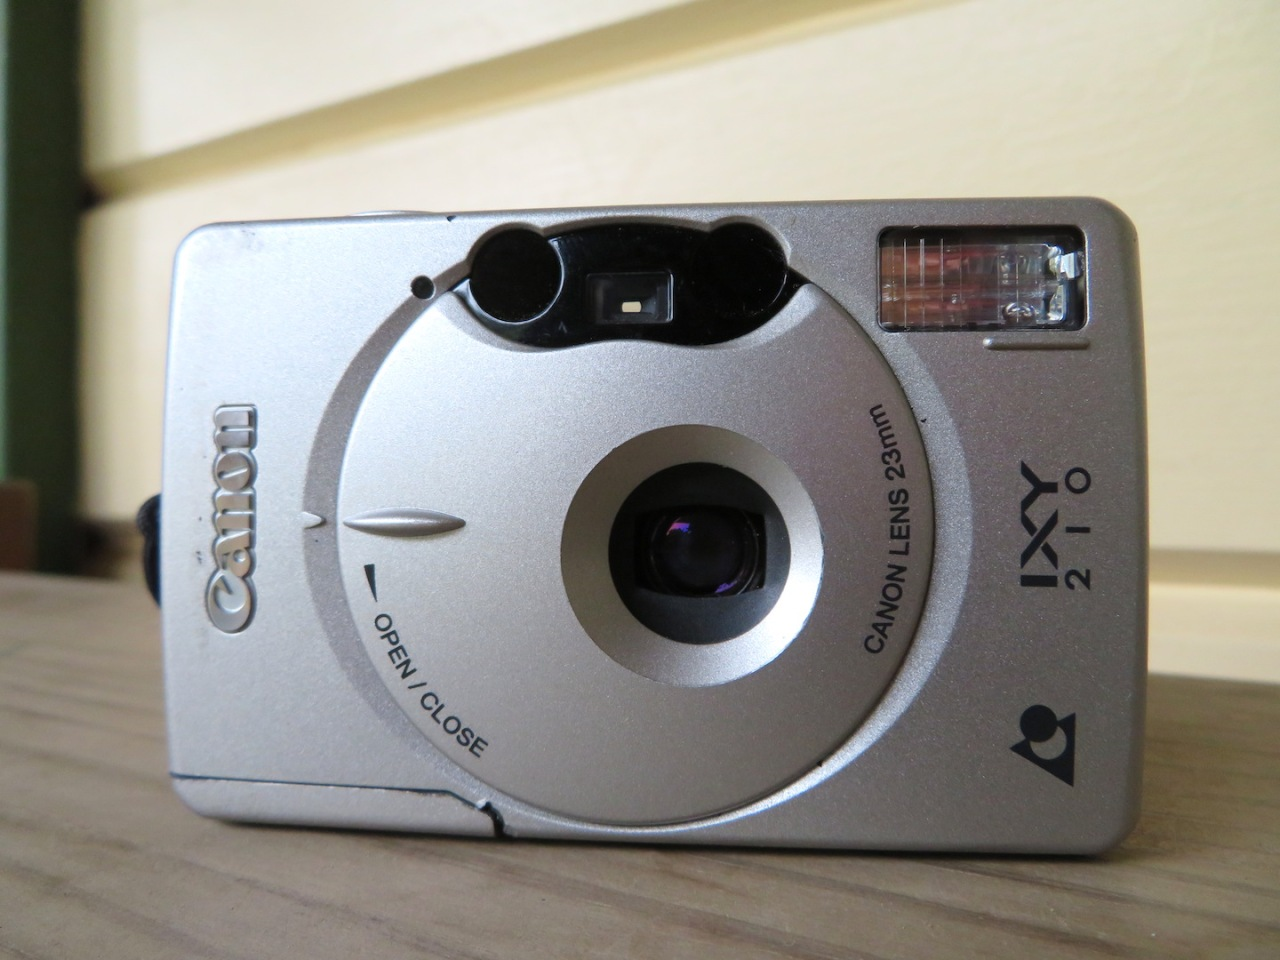 Canon Ixy 210, Ixus M-1, ELPH LT –APS